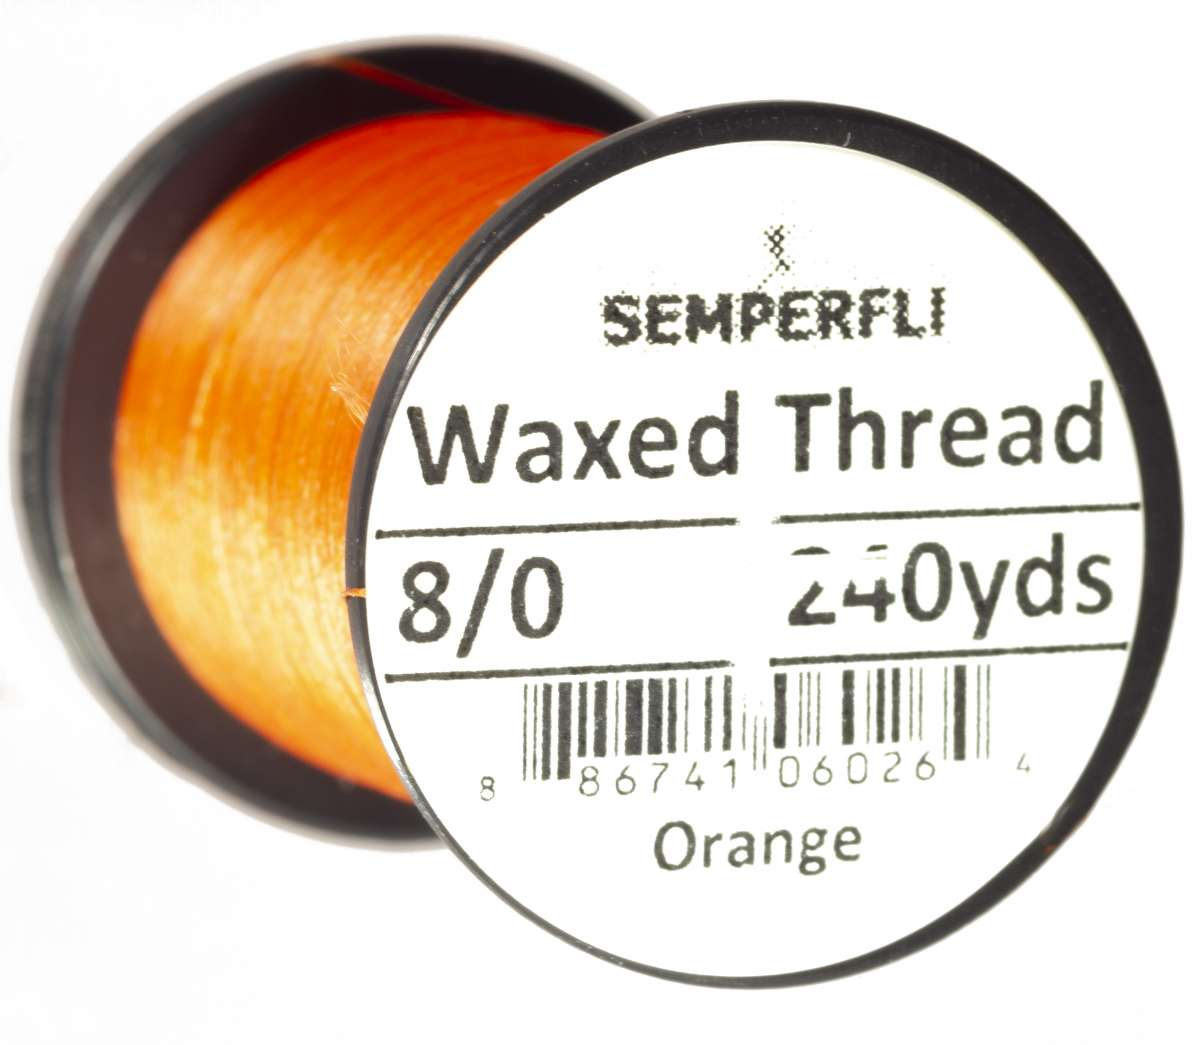 8/0 Classic Waxed Thread Orange Sem-0400-1845